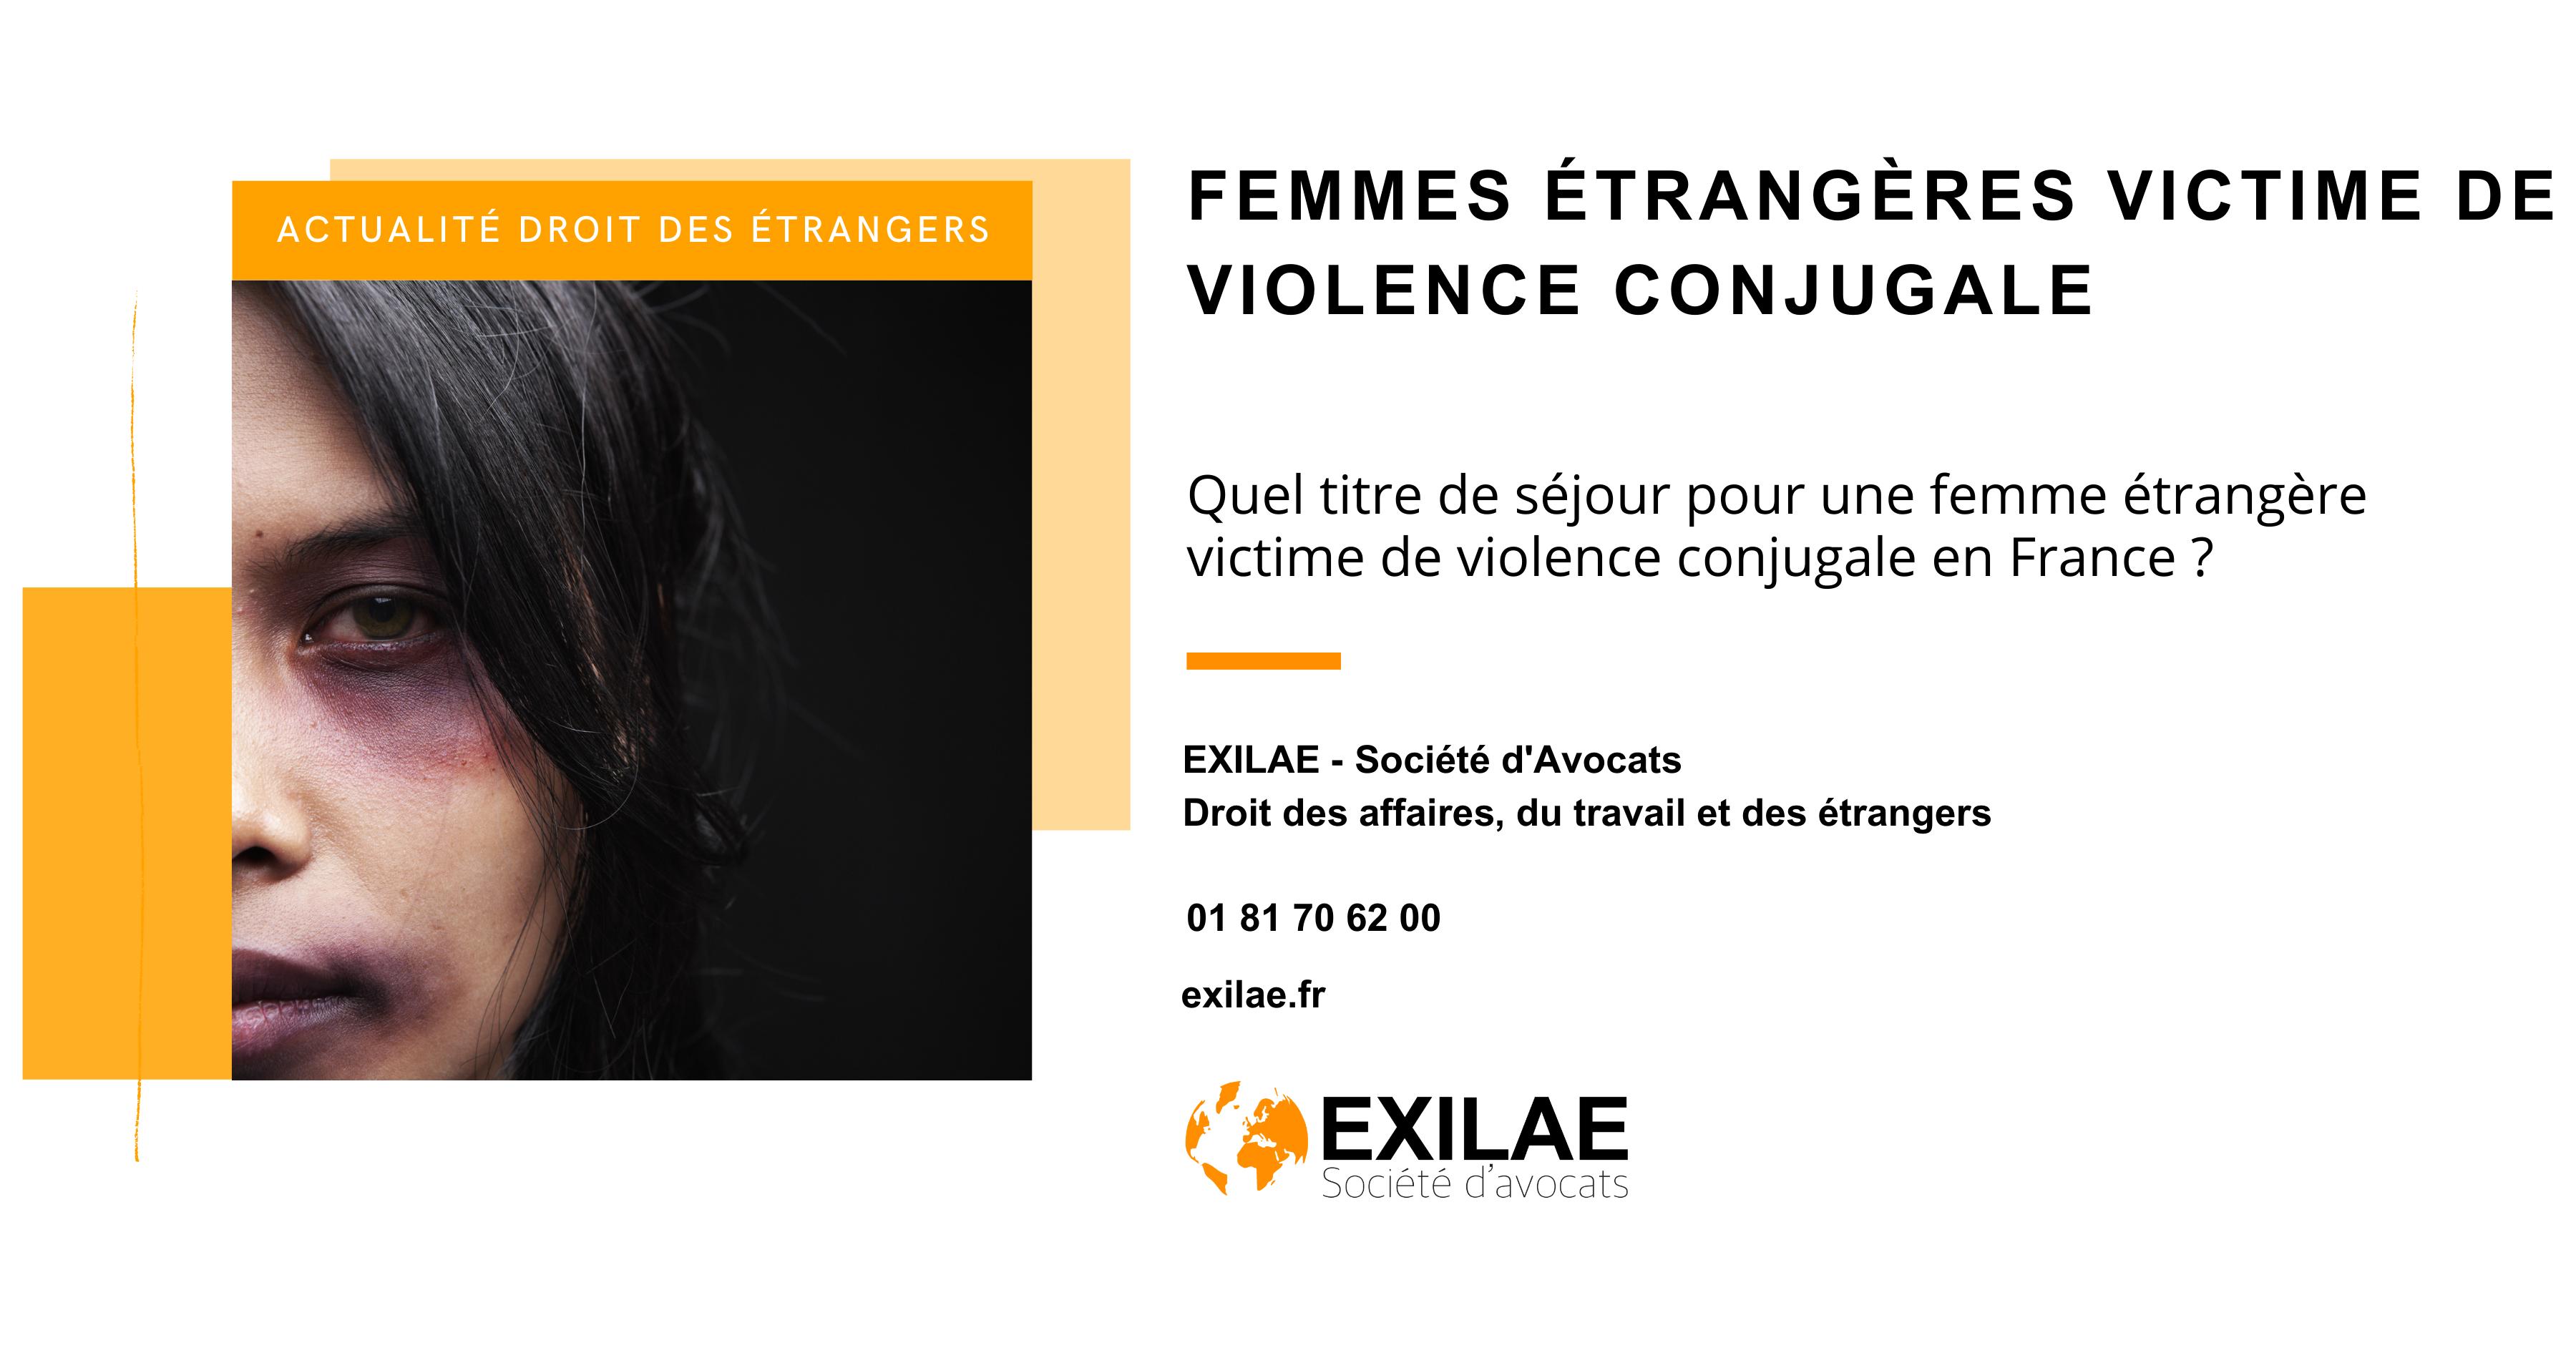 Quel titre de séjour pour une femme étrangère victime de violence conjugale en France ?